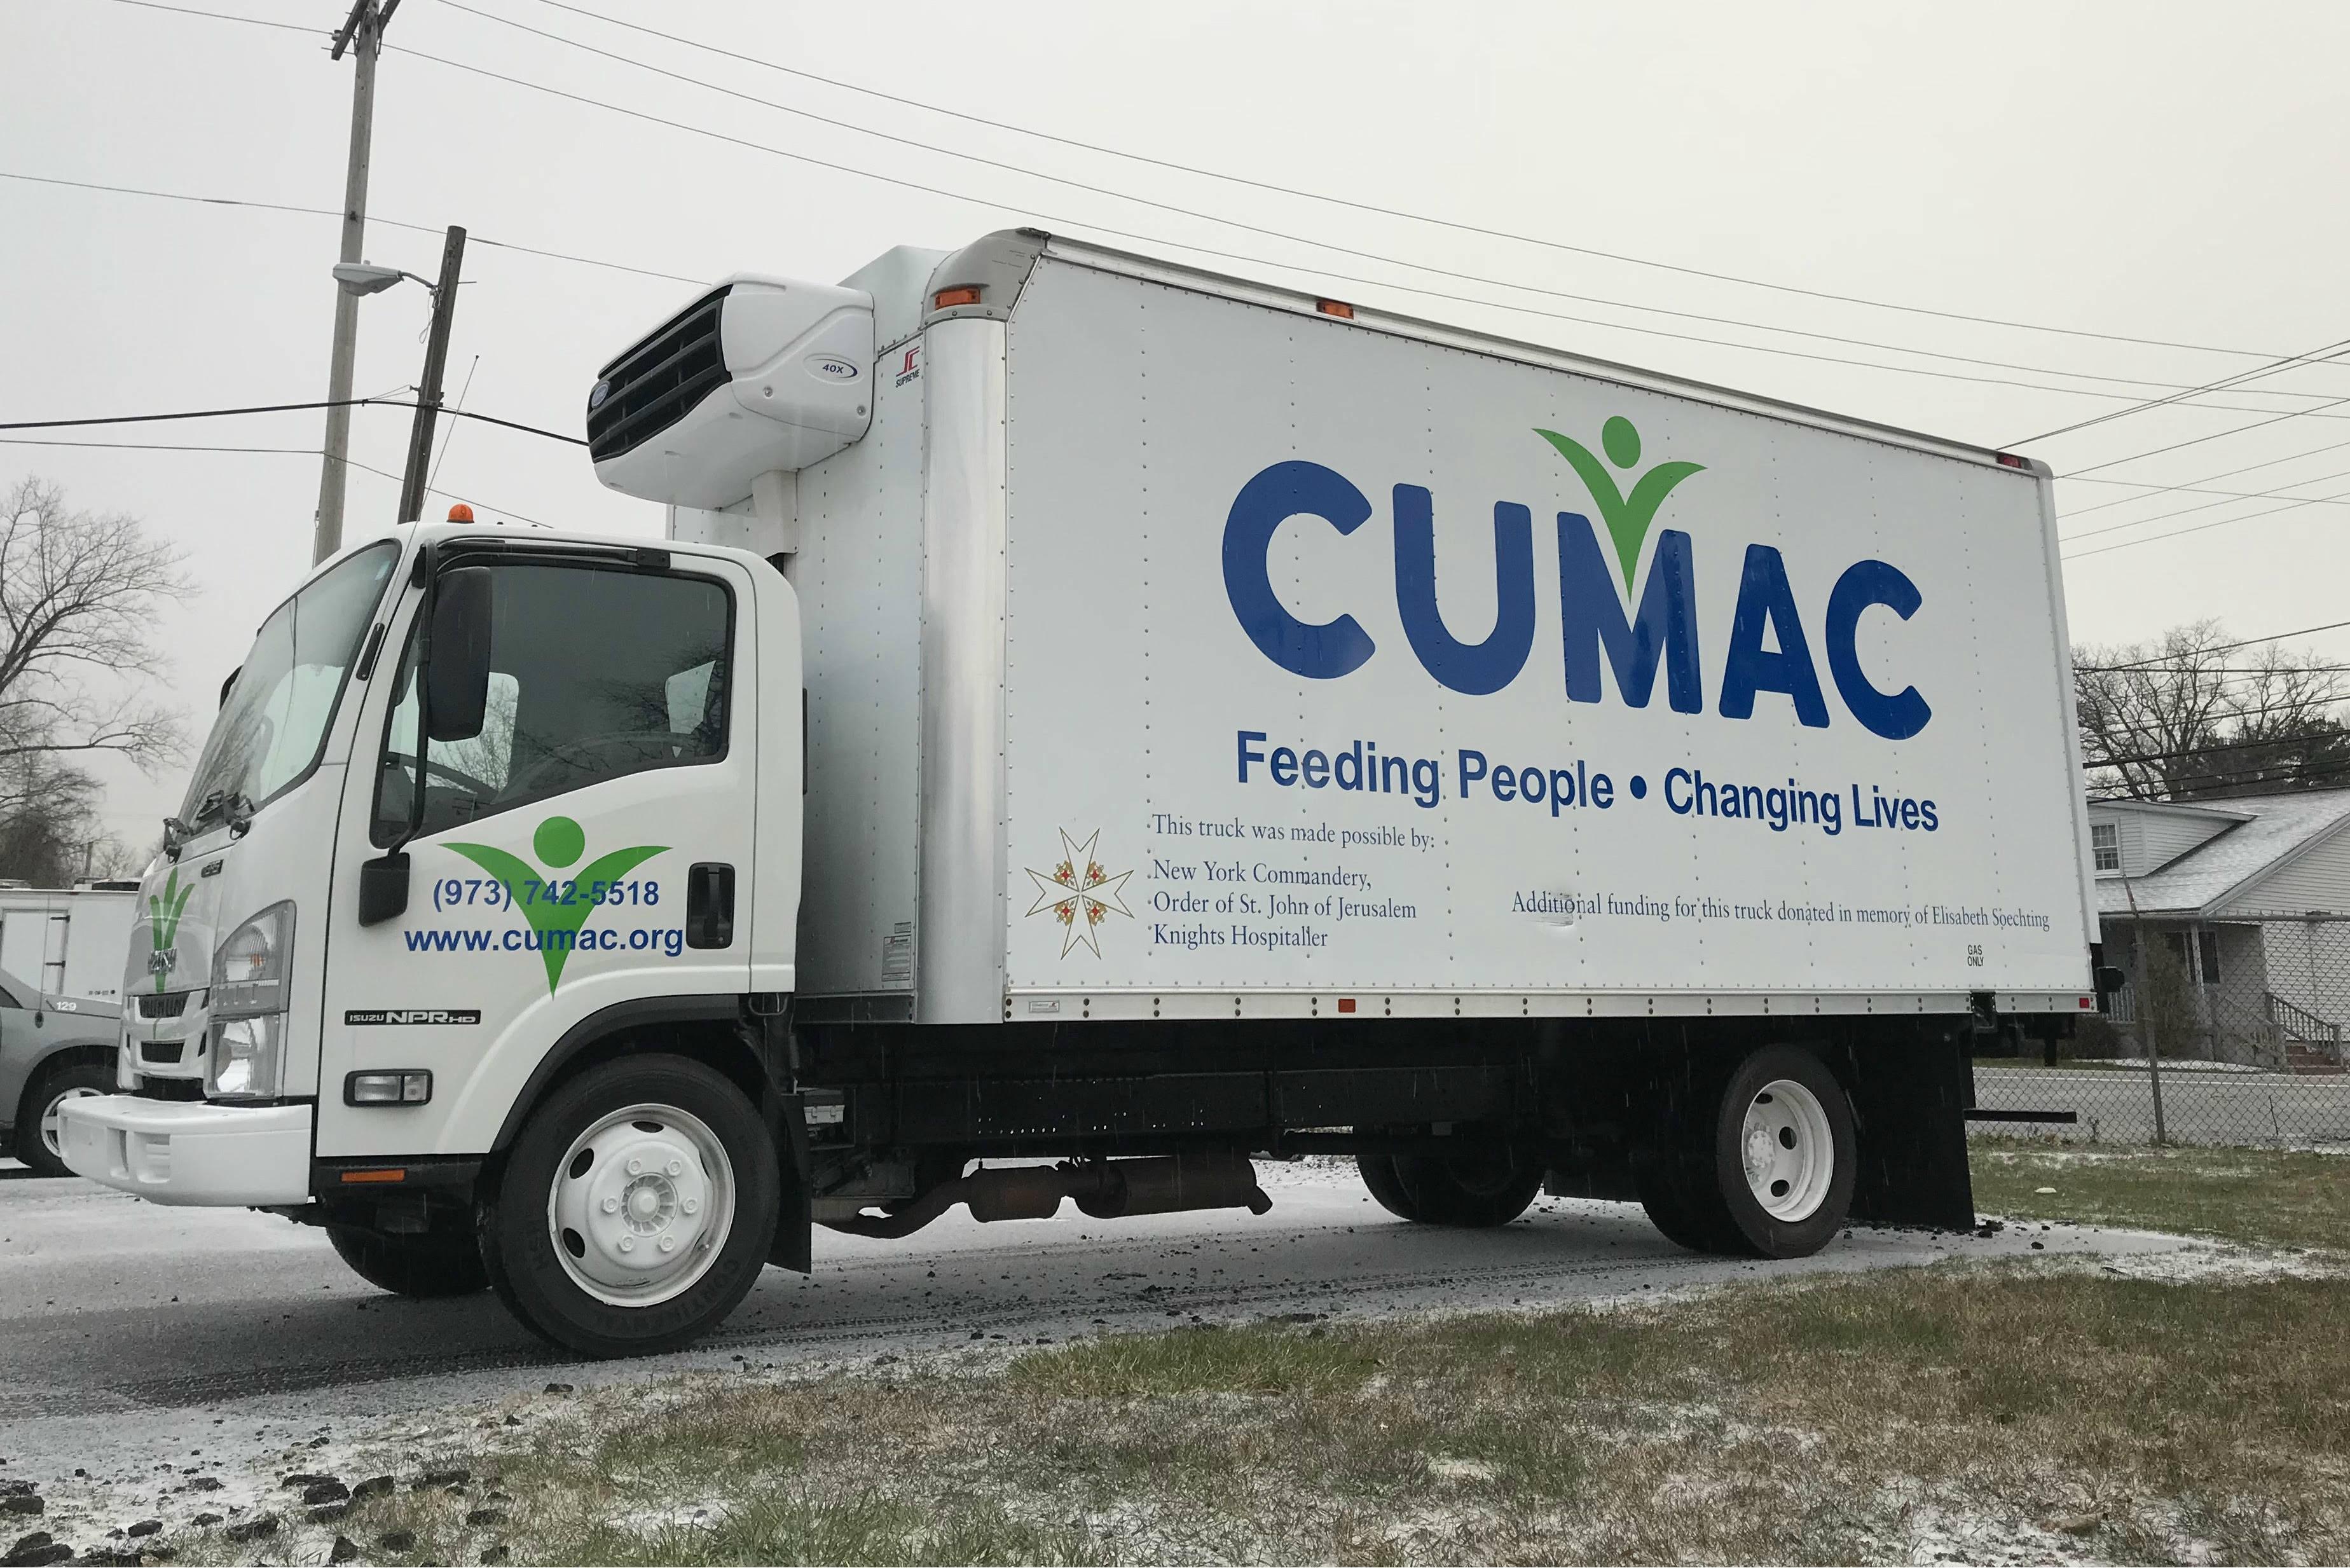 adb041a7e6b161e6de4d_CUMAC_truck.jpg